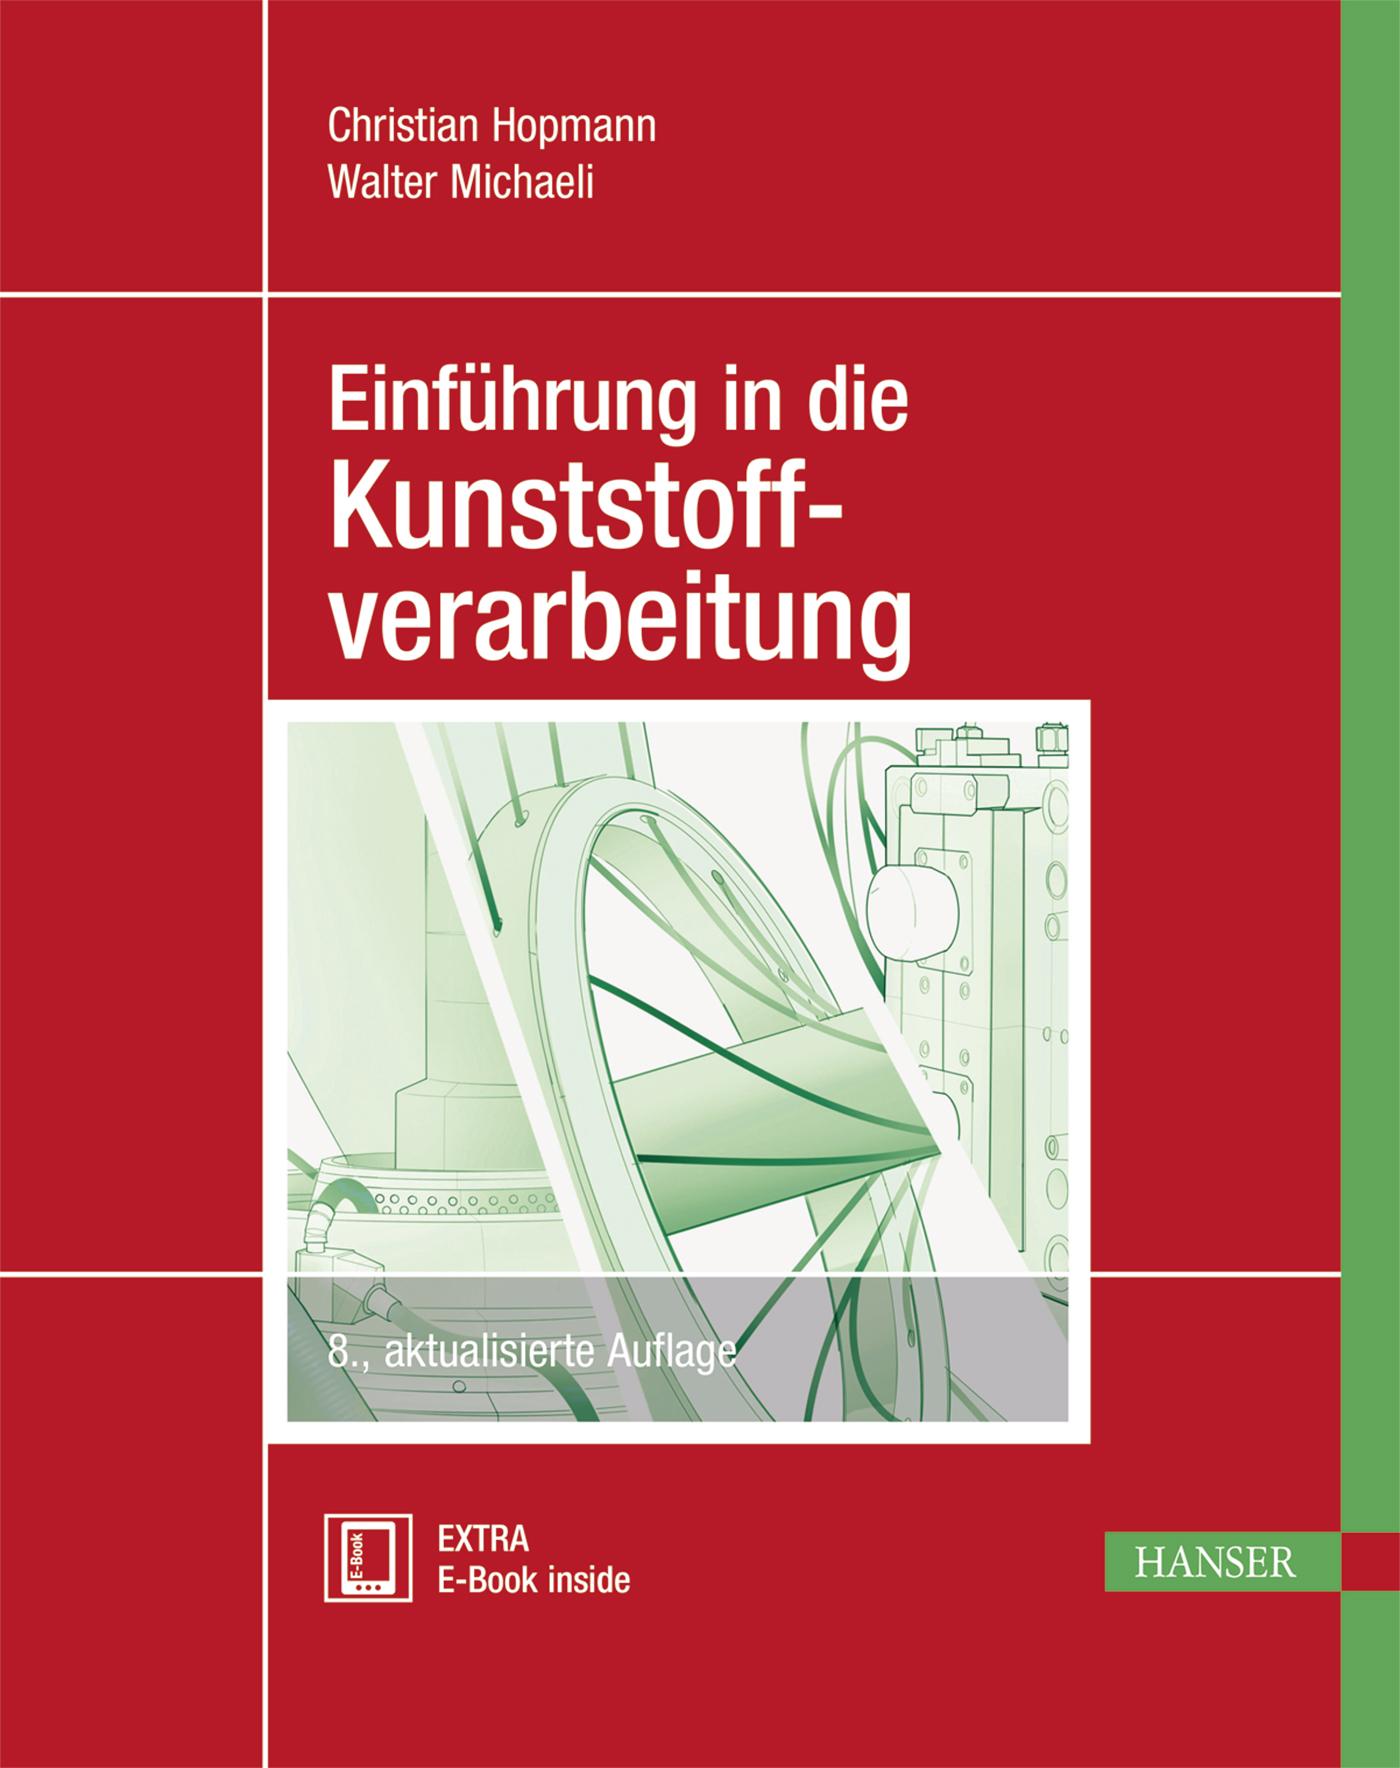 Hopmann, Michaeli, Einführung in die Kunststoffverarbeitung, 978-3-446-45355-5